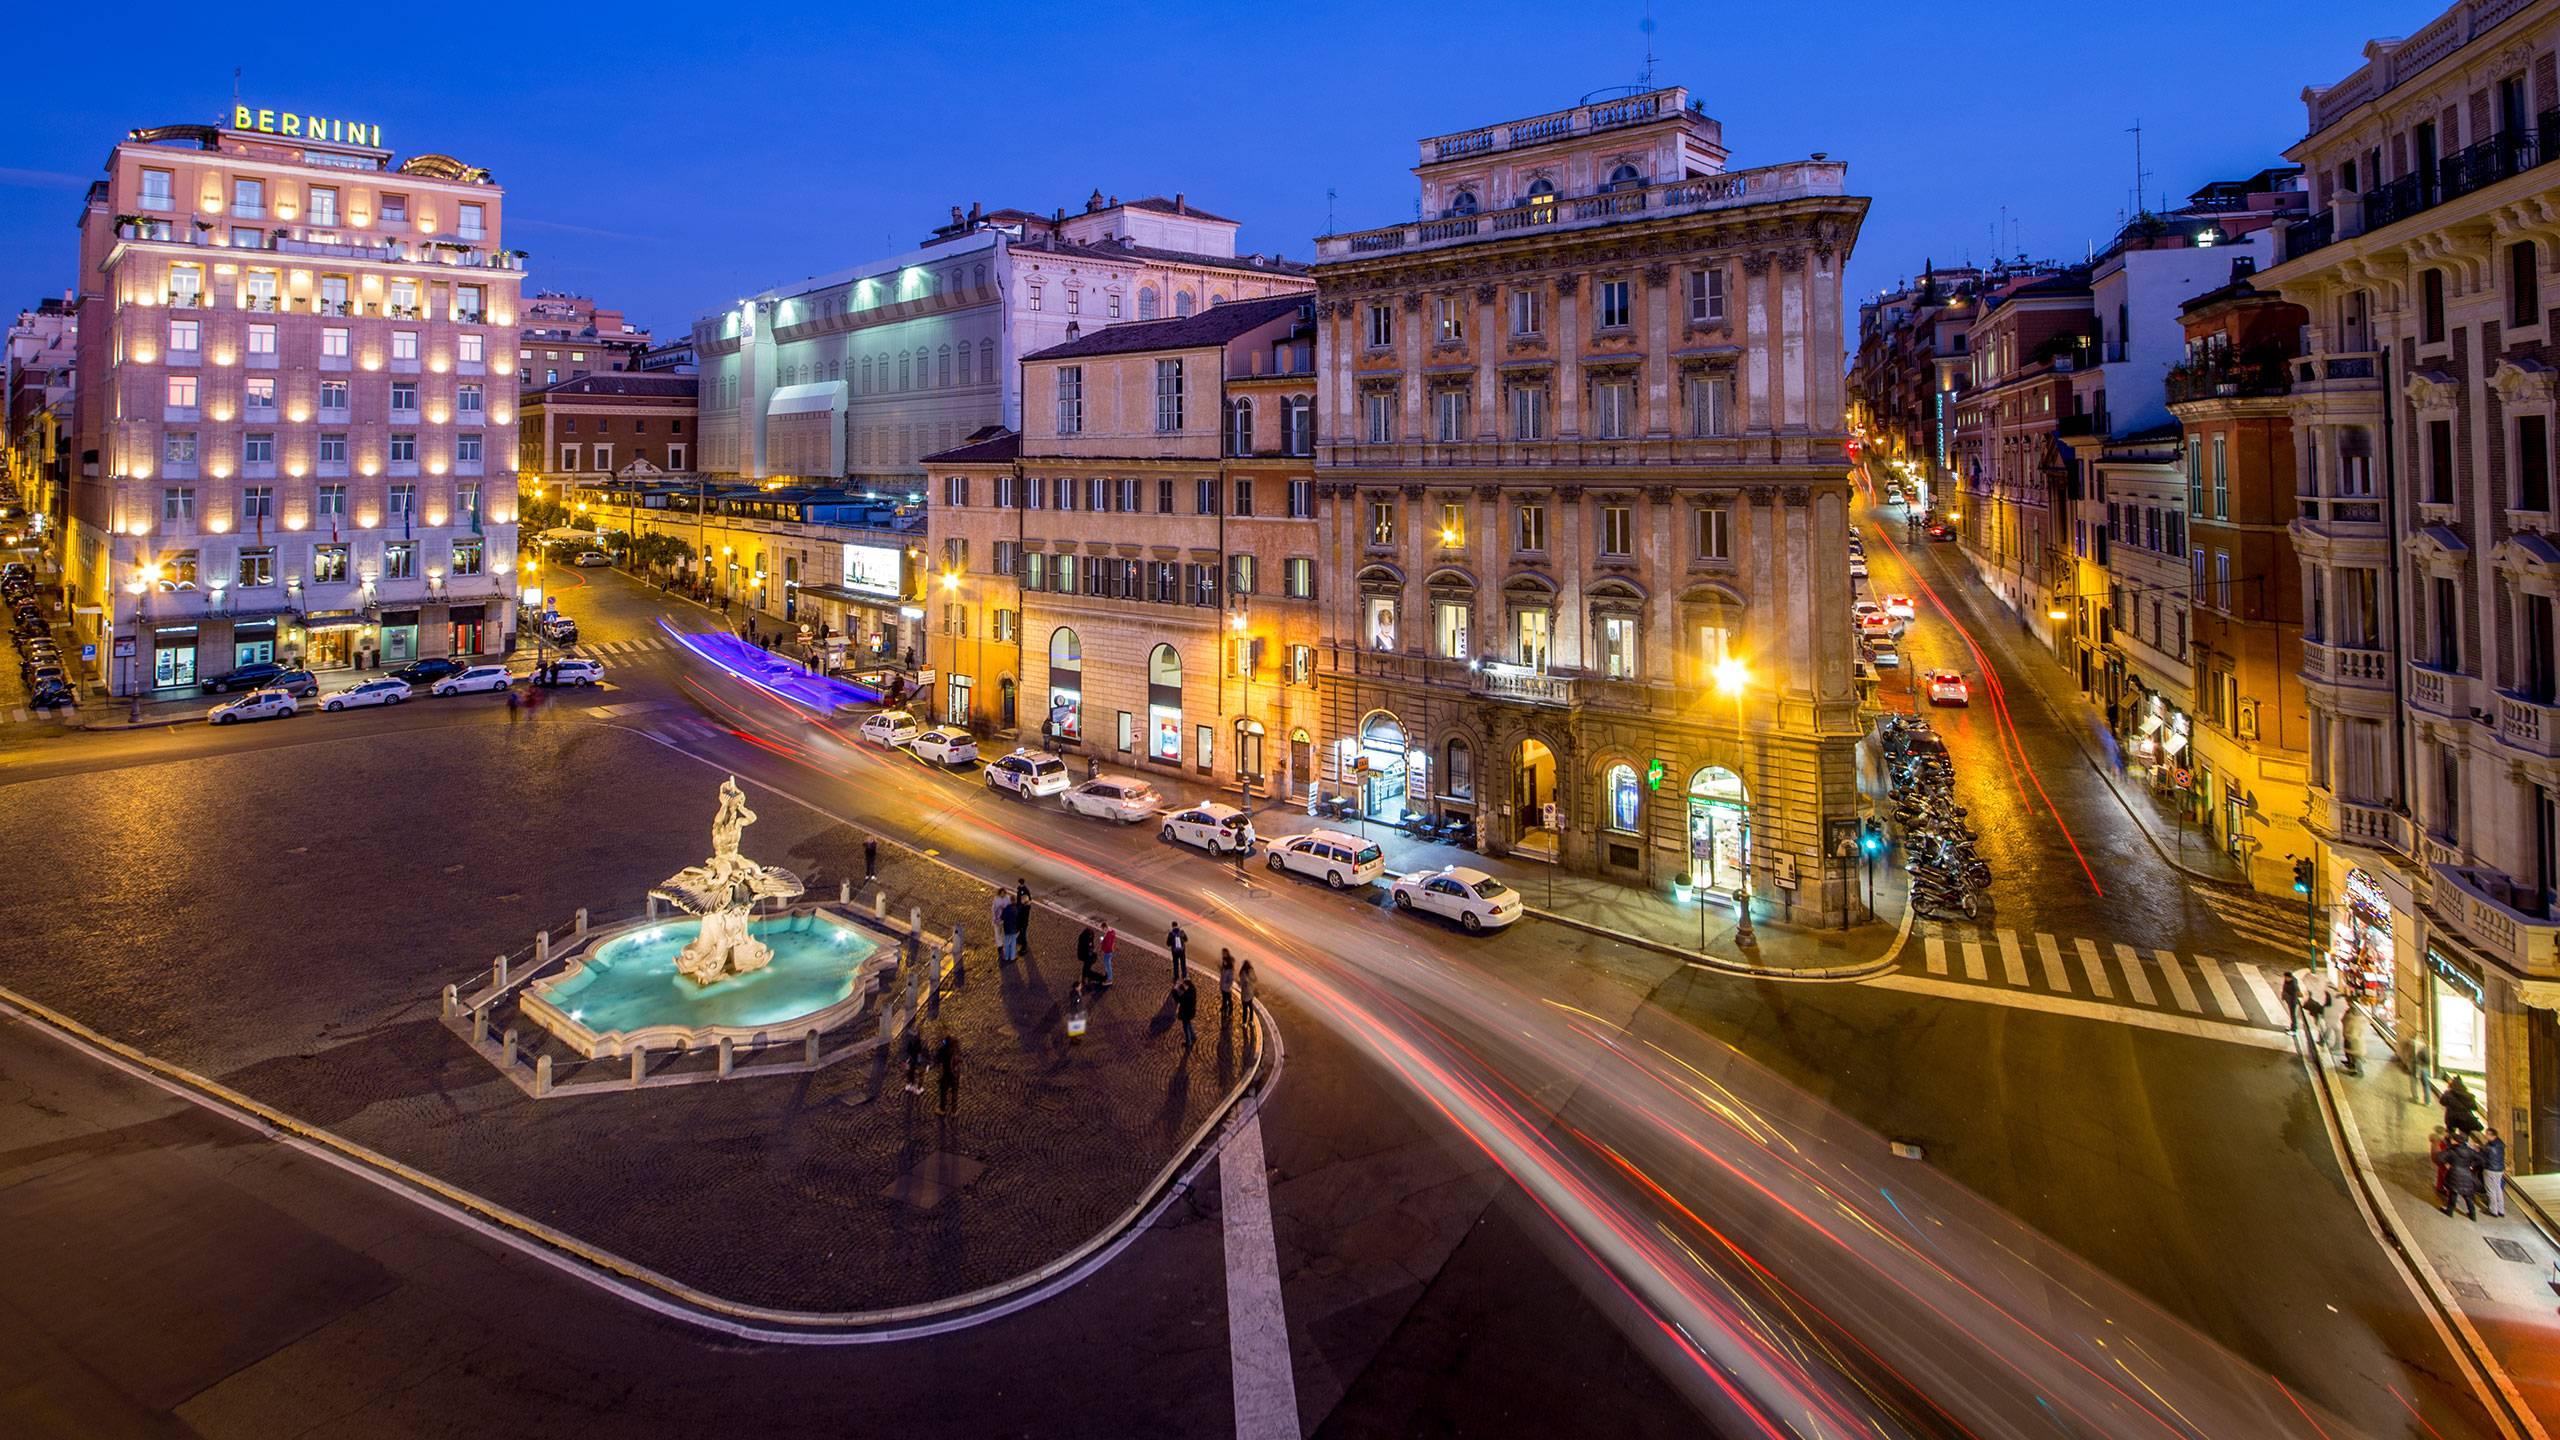 albergo-ottocento-roma-monumenti-01